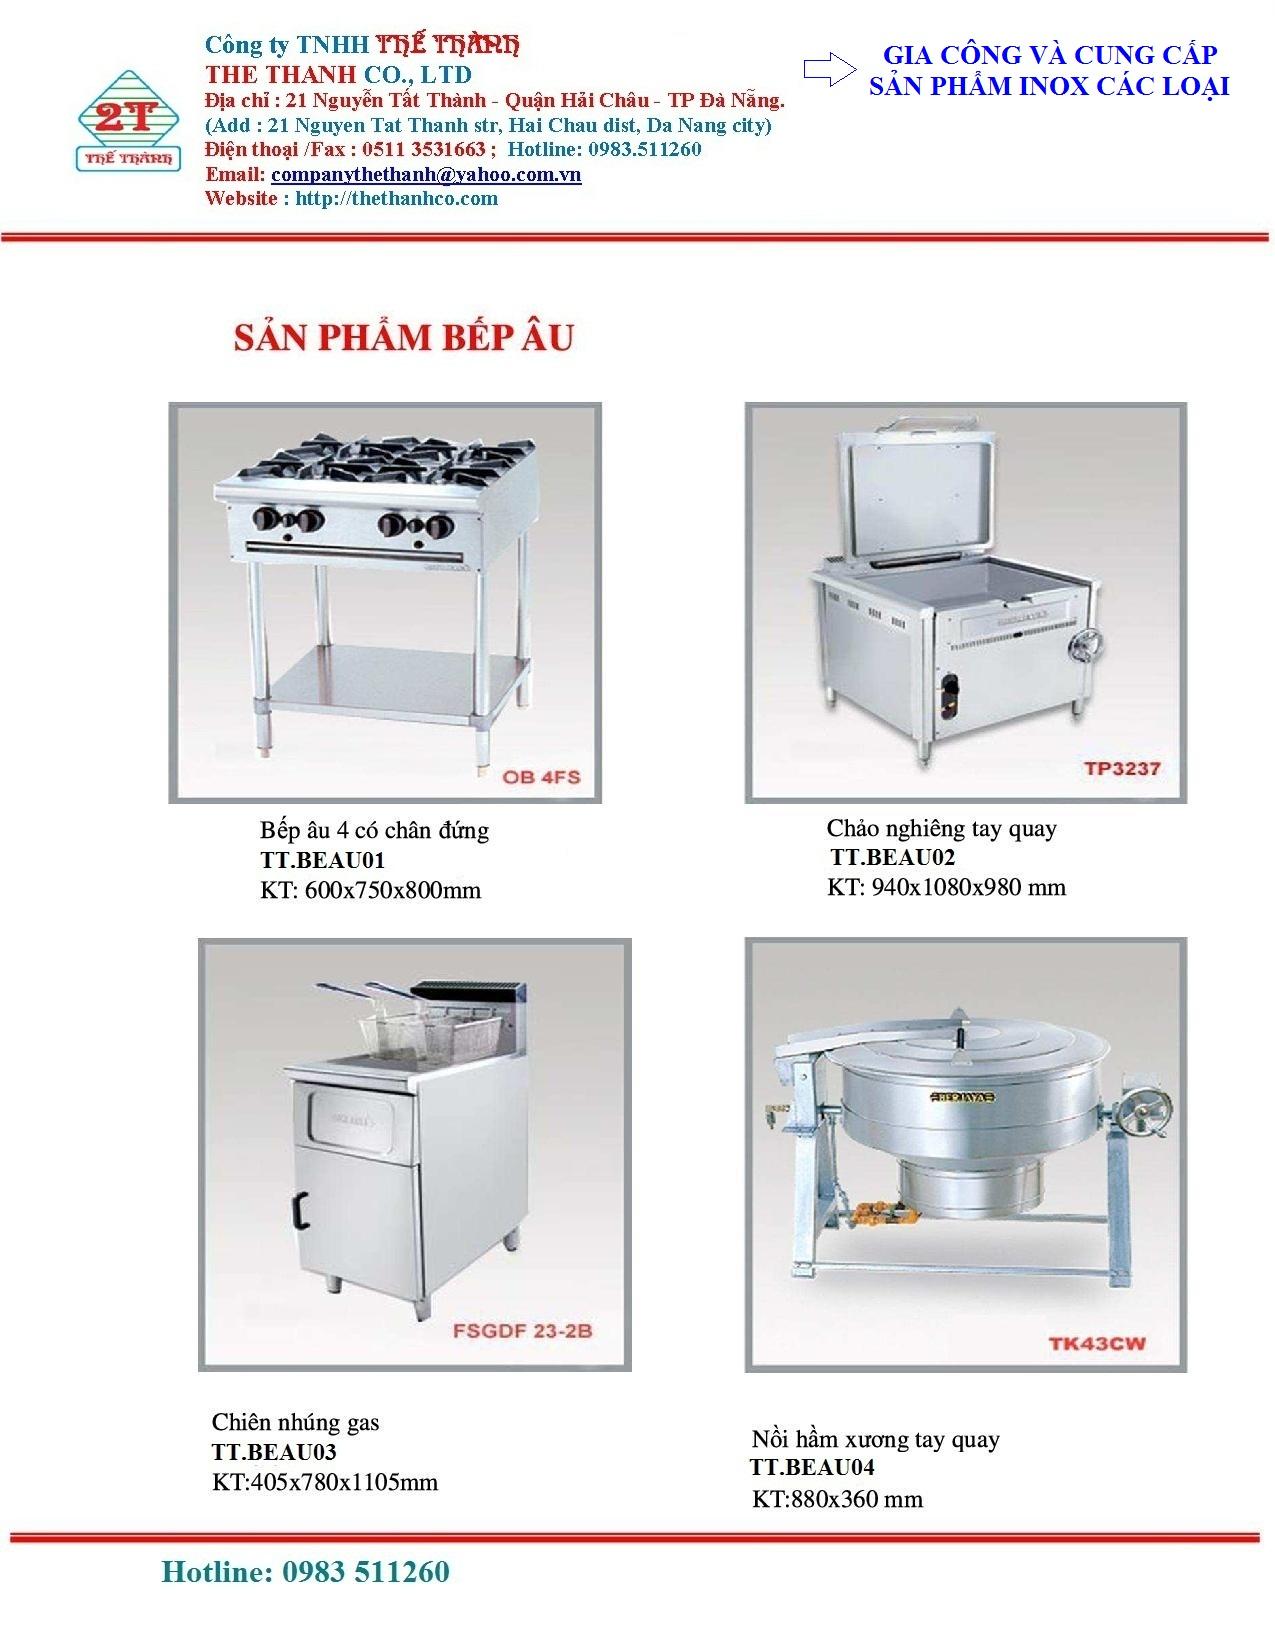 Hệ thống nội thất, tủ bếp bằng Inox